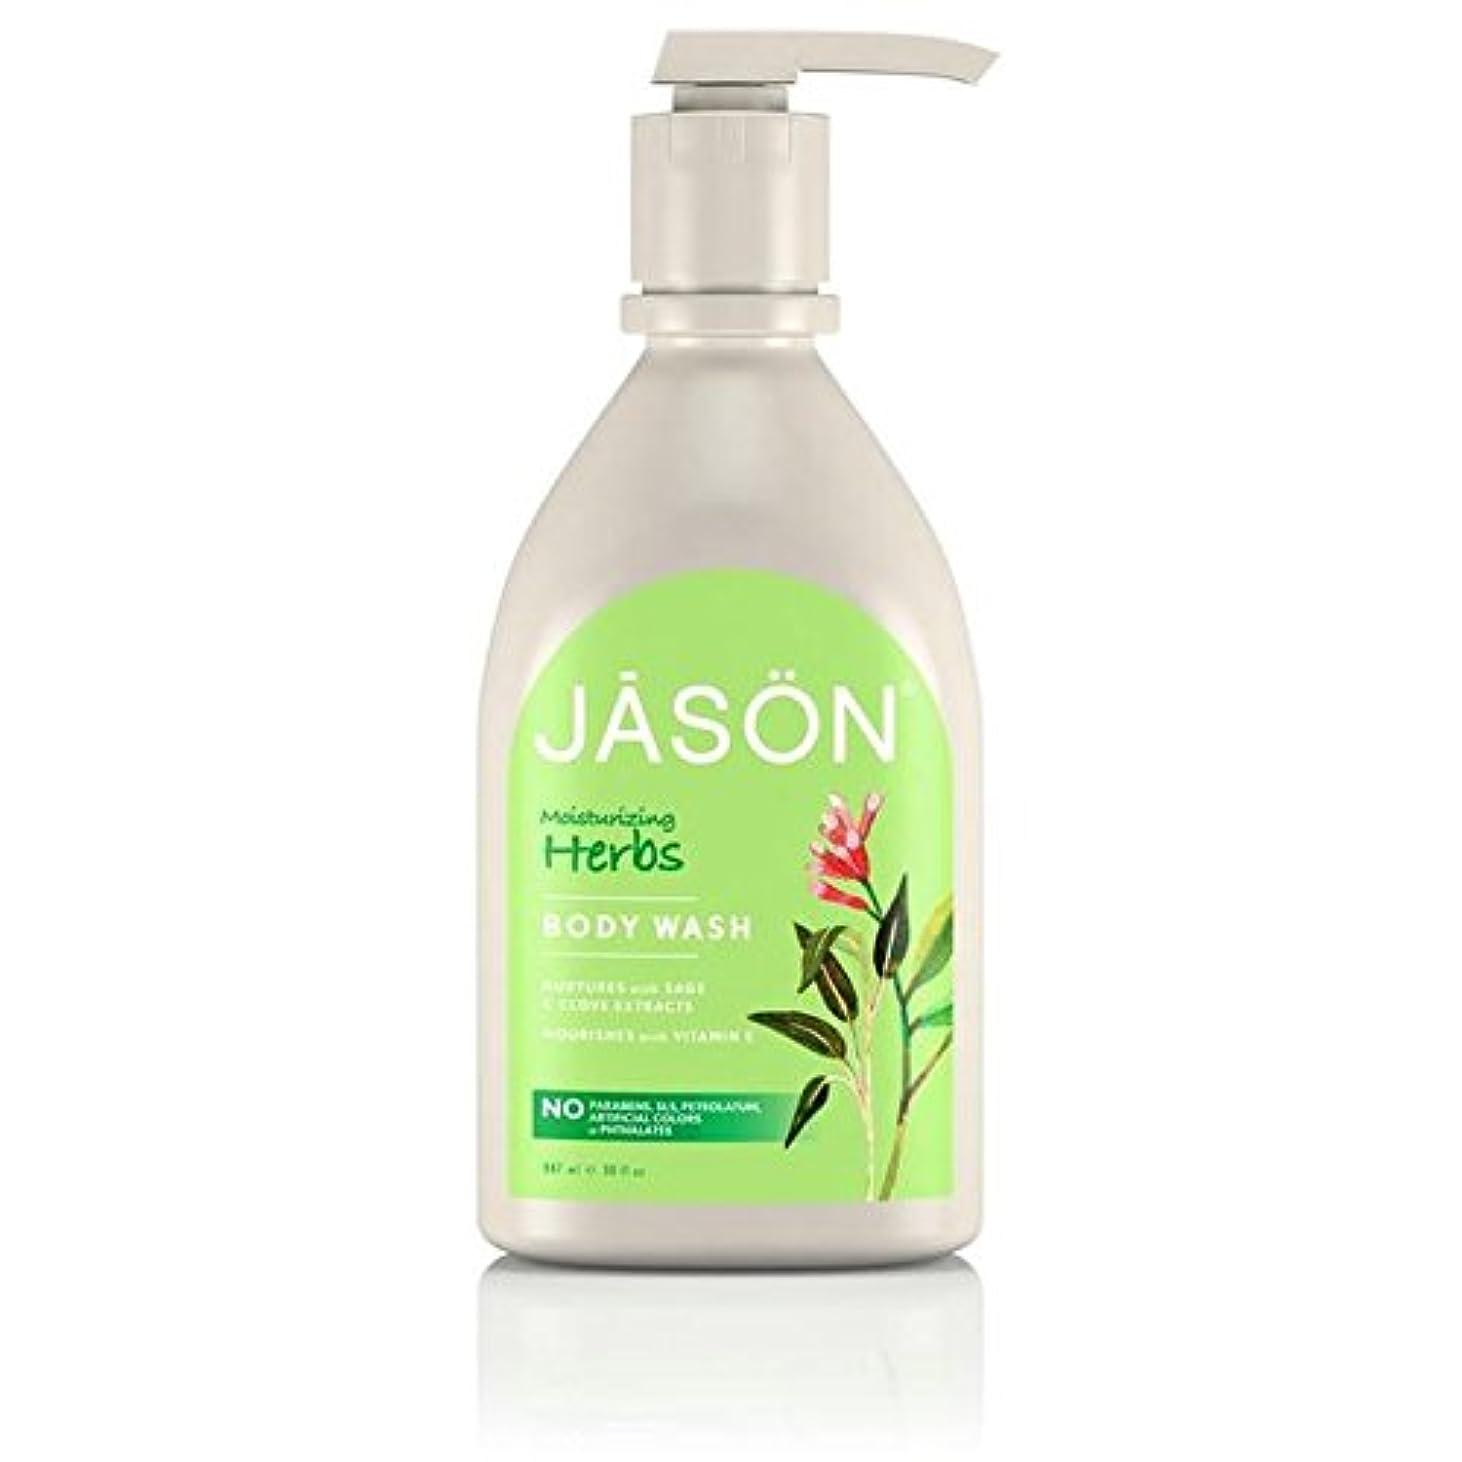 フェデレーションく細いJason Herbal Satin Body Wash Pump 900ml (Pack of 6) - ジェイソン?ハーブサテンボディウォッシュポンプ900ミリリットル x6 [並行輸入品]